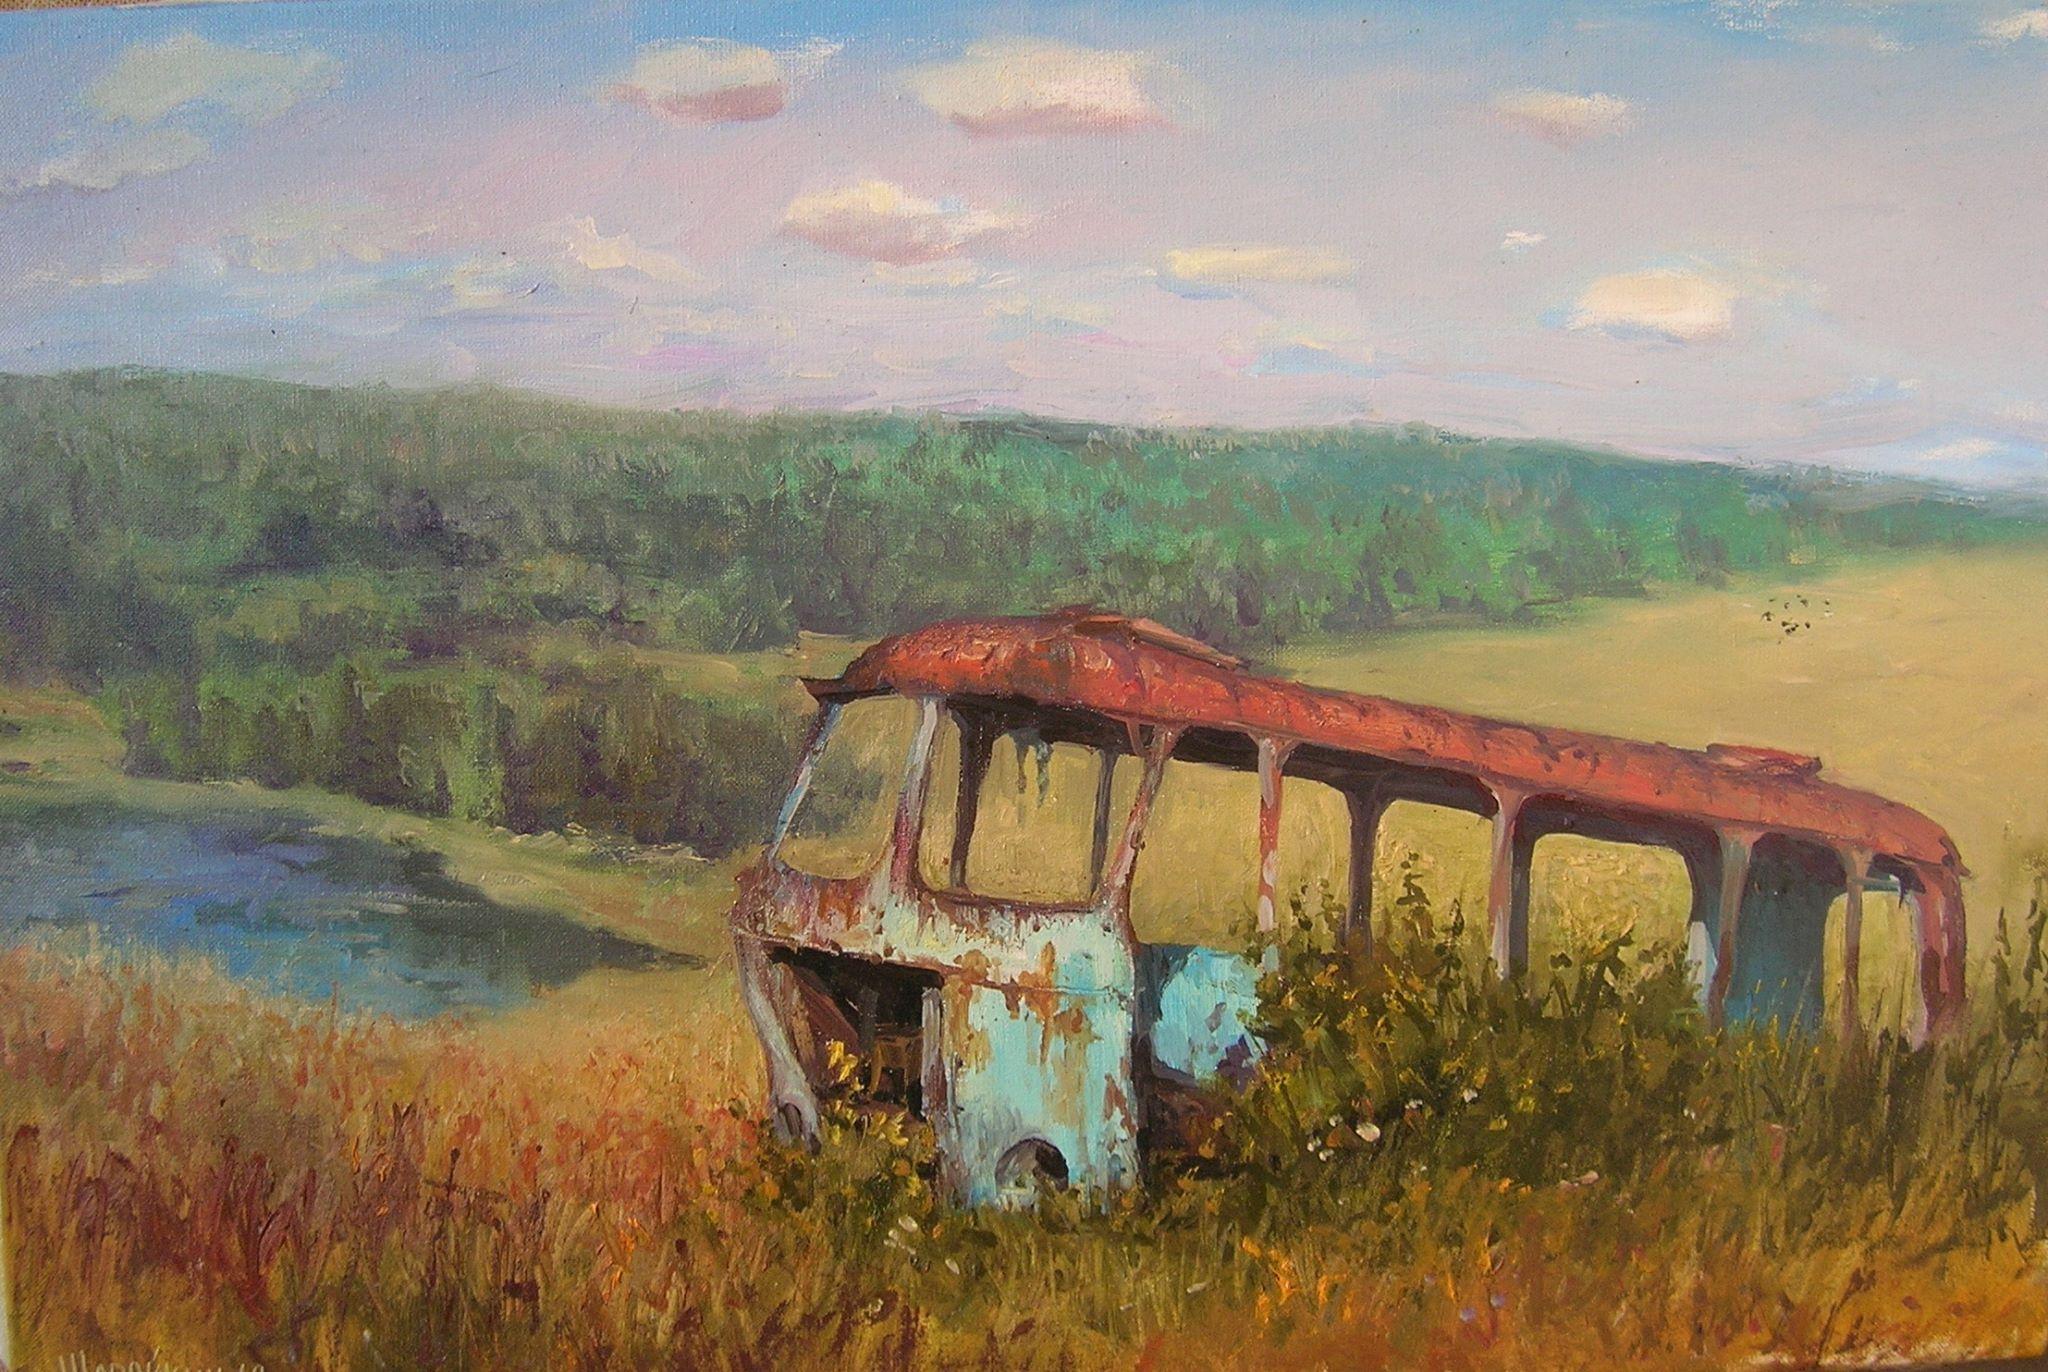 Геннадий Шаройкин. Школьный автобус. 2012 г. Холст, масло. 50х75 см.